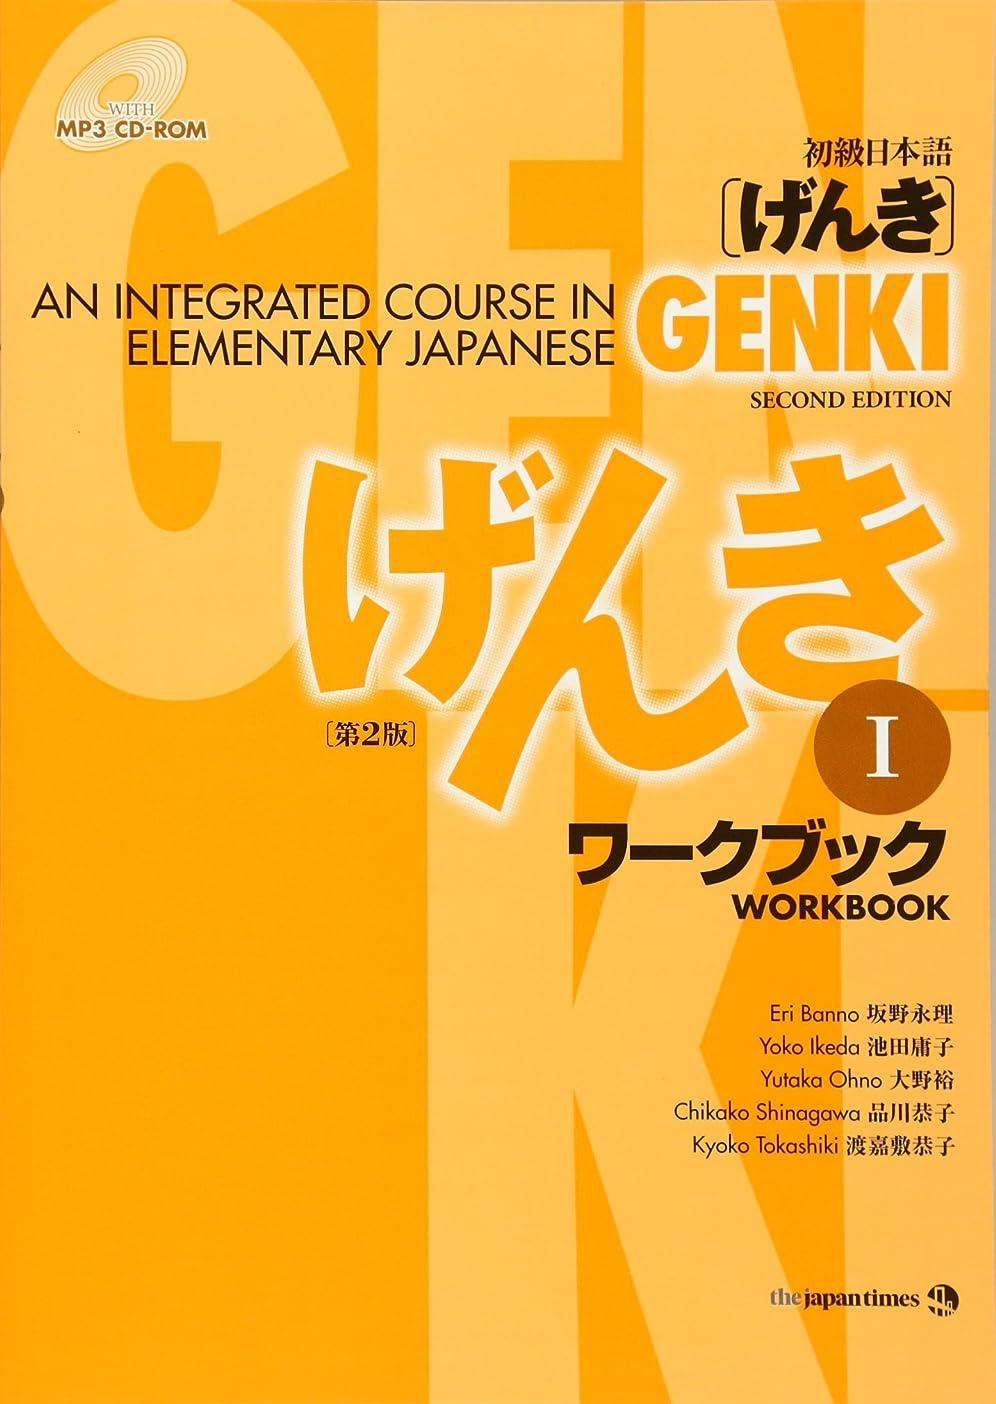 放棄評議会ホバートGENKI: An Integrated Course in Elementary Japanese Workbook I [Second Edition] 初級日本語 げんき ワークブック I [第2版]